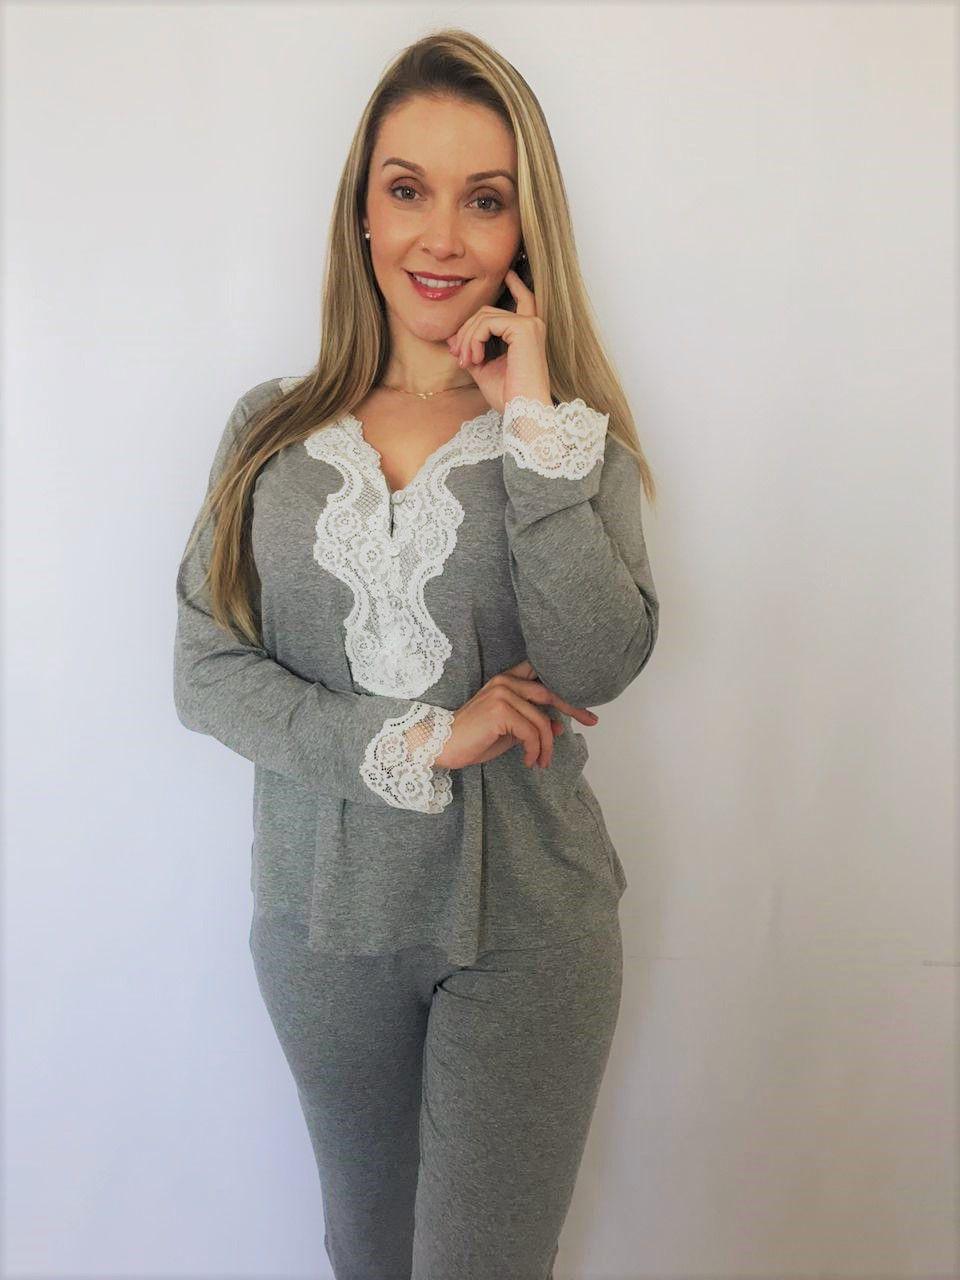 Pijama Feminino Longo 3 Botões em Viscolycra com Renda - Mescla